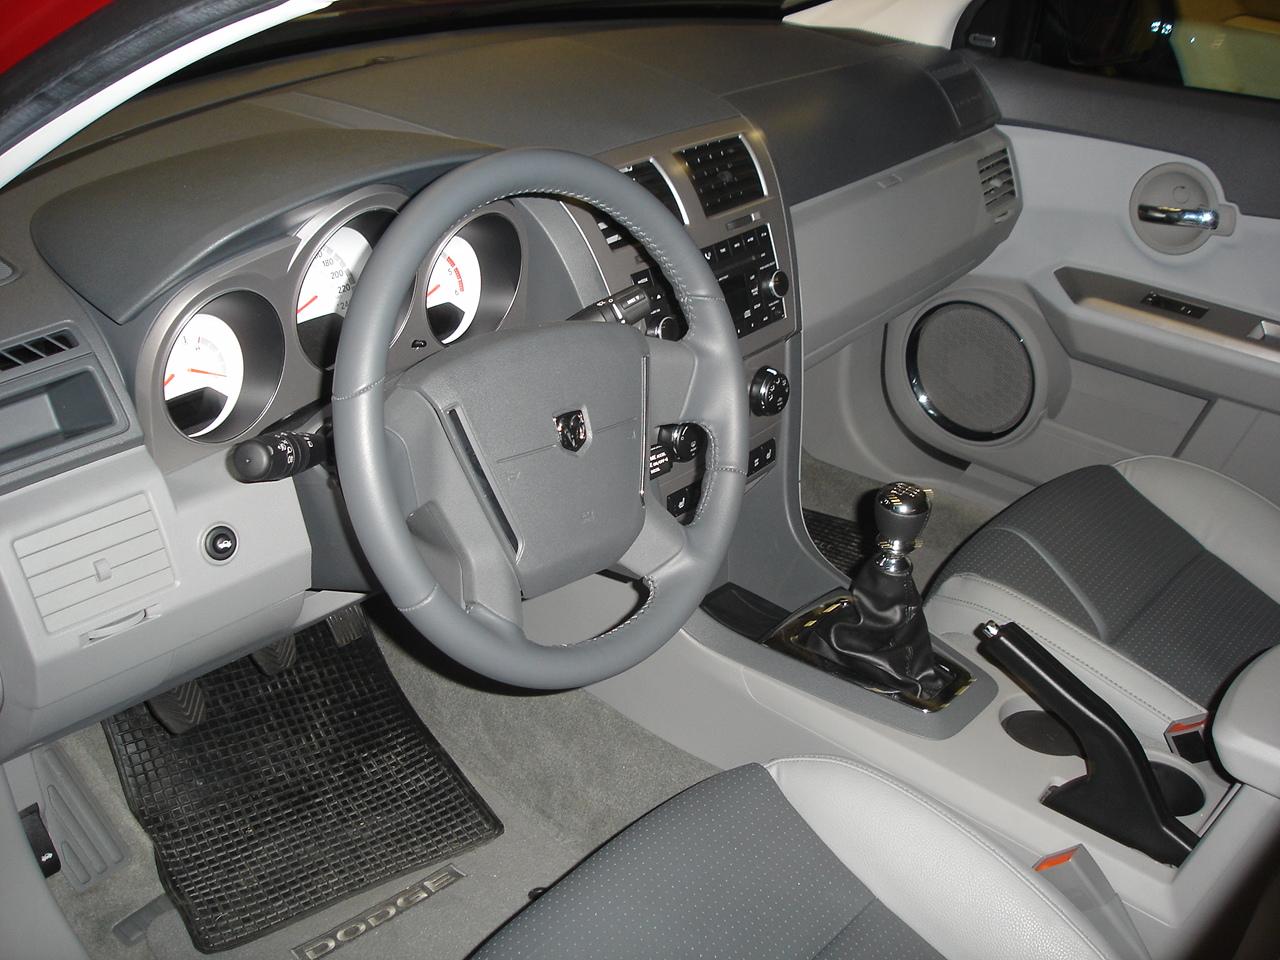 File:Dodge Avenger Innenraum.JPG - Wikimedia Commons